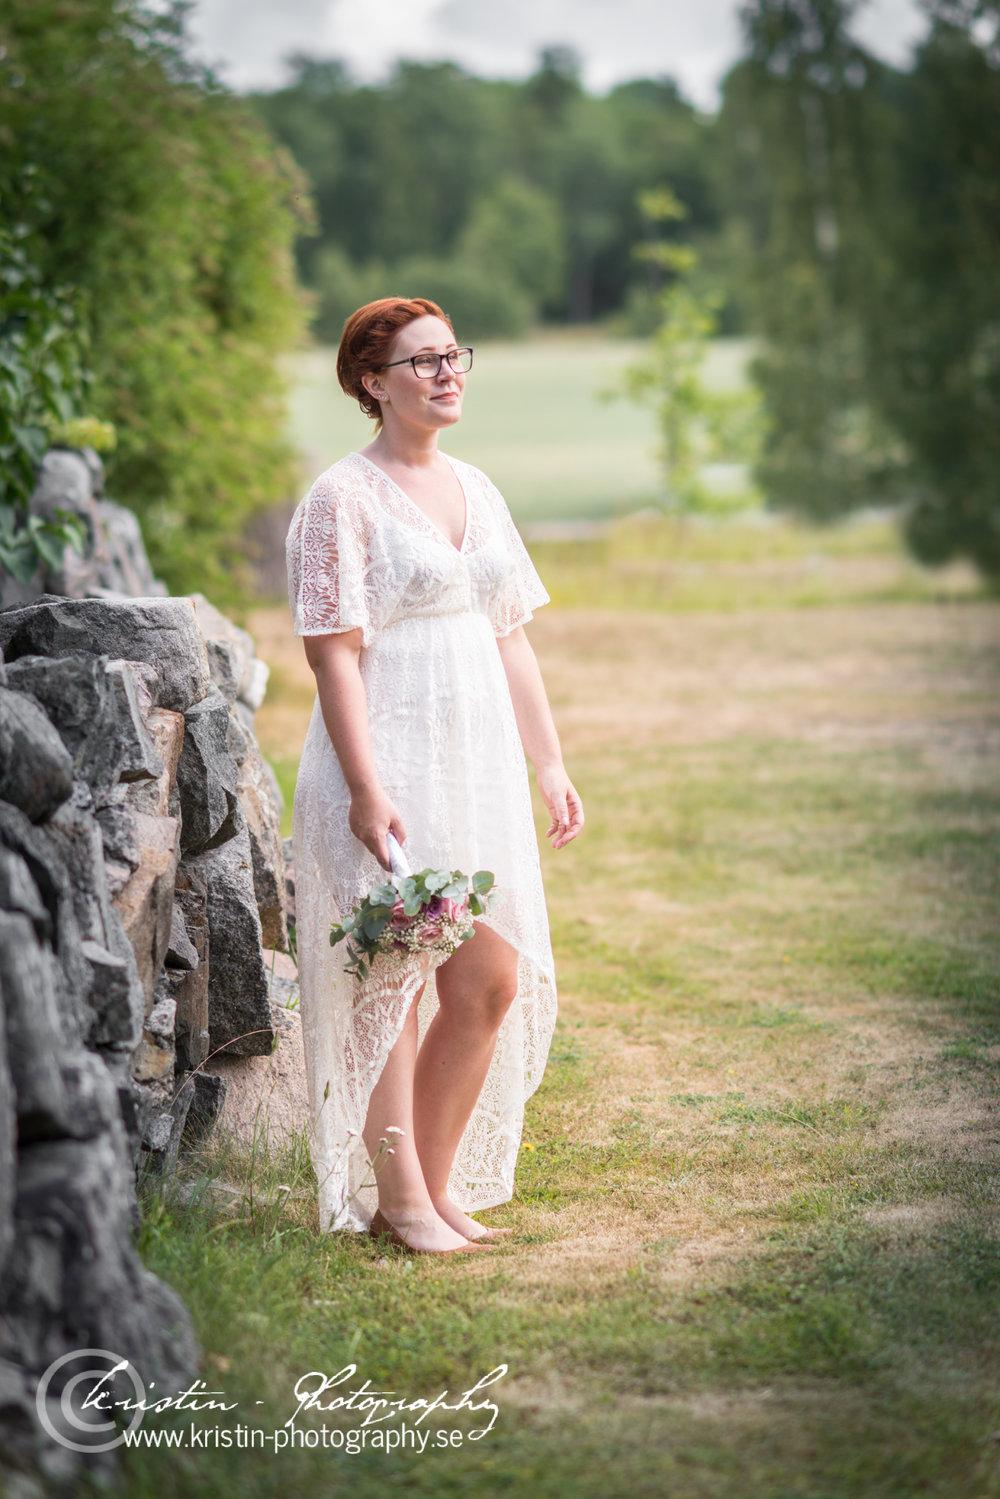 Bröllopsfotograf i Eskilstuna, Kristin - Photography, newborn-58.jpg